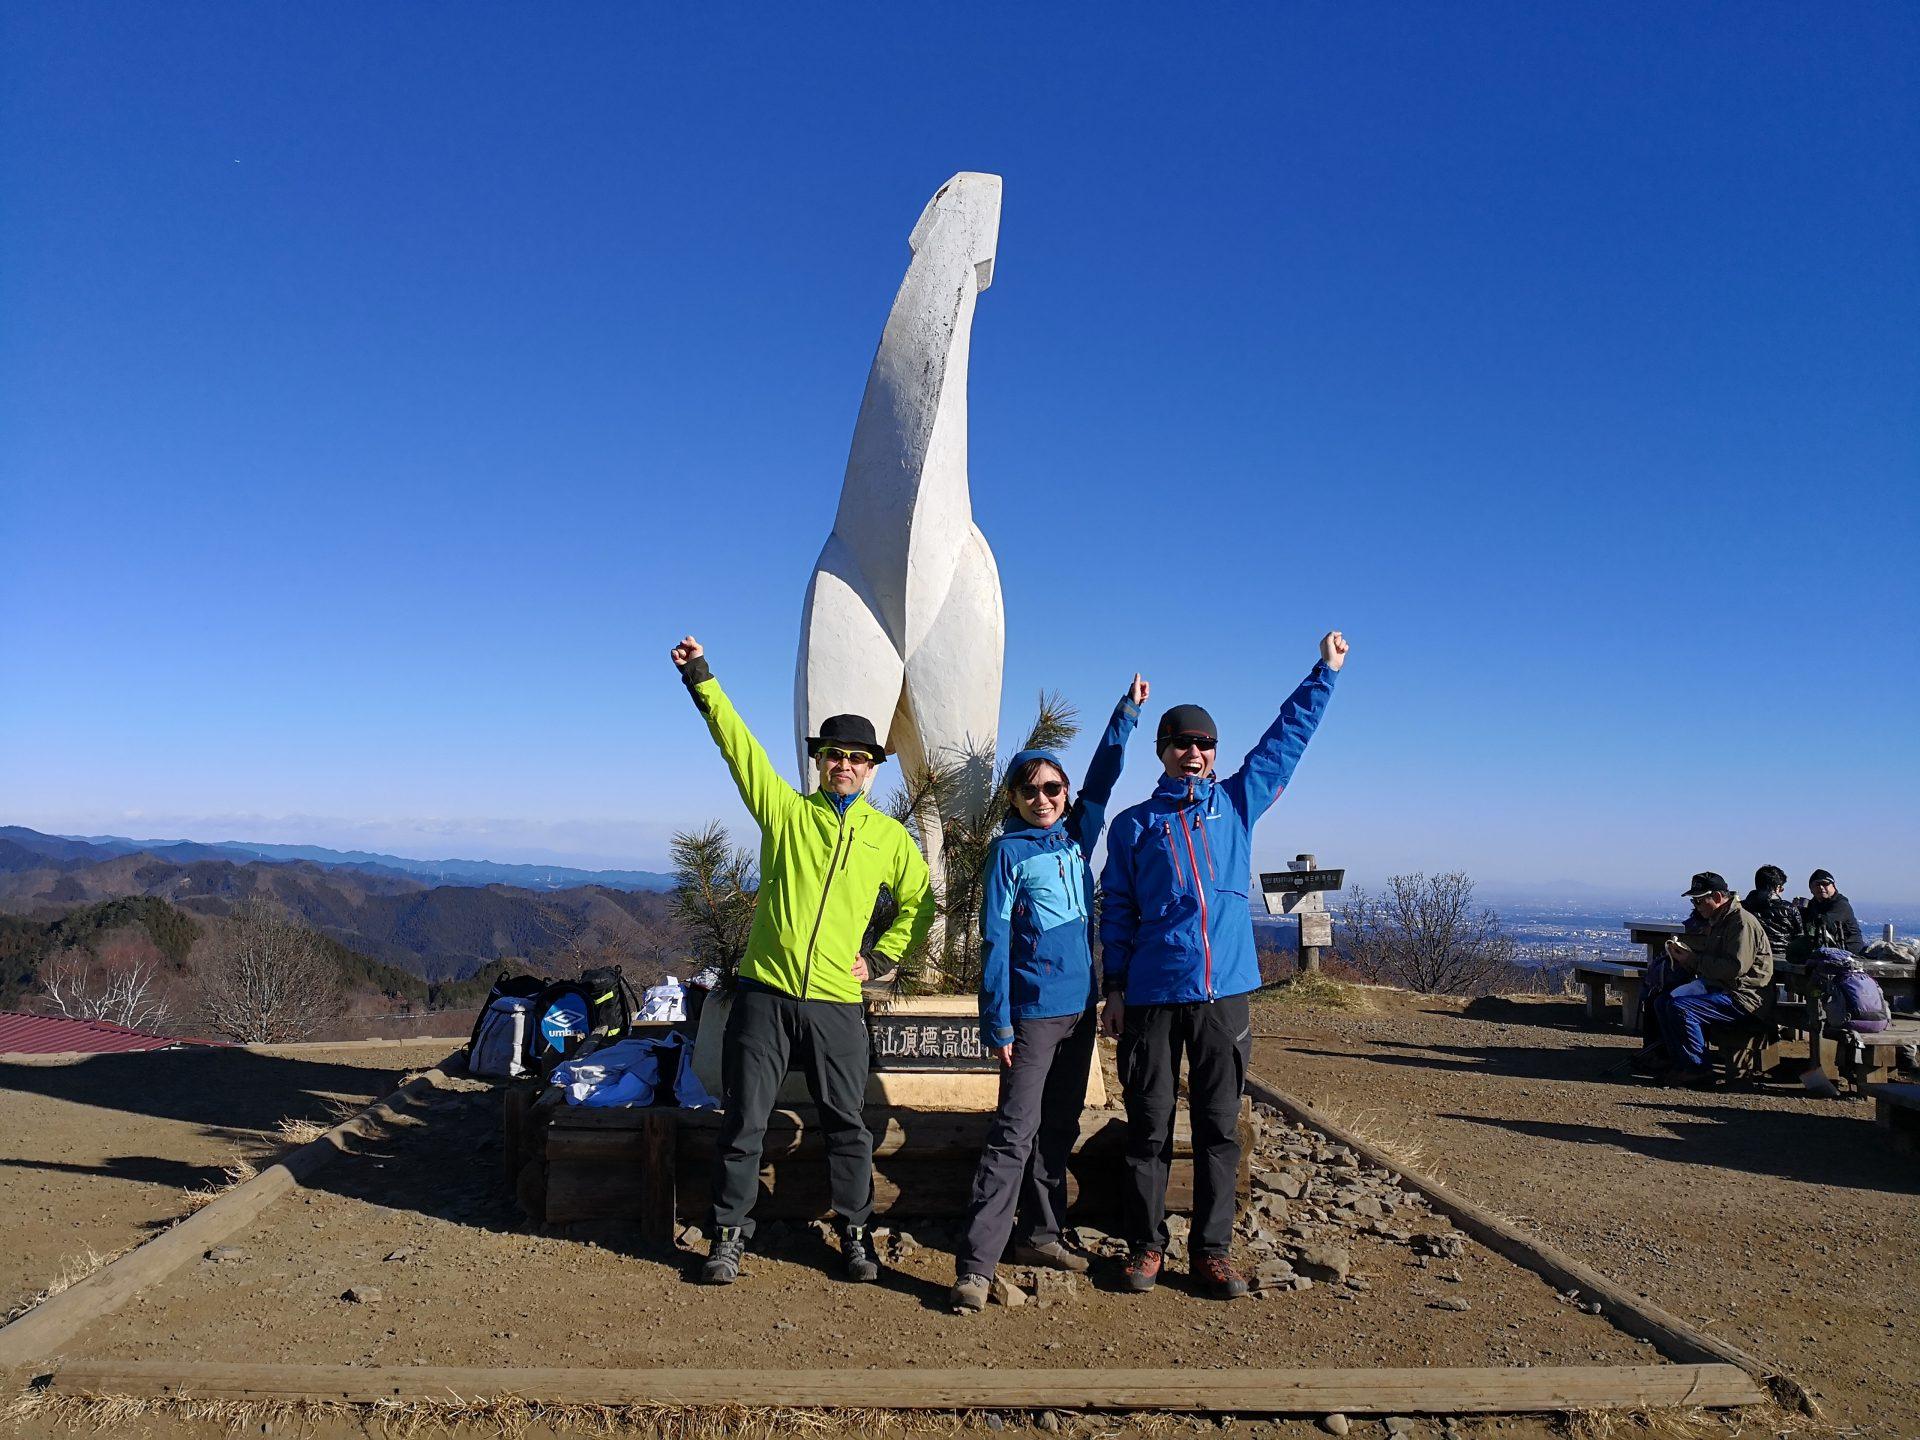 「歩き初めは厳冬期のあの山へ」新春顔合わせ&ご挨拶な陣馬山〜高尾山縦走